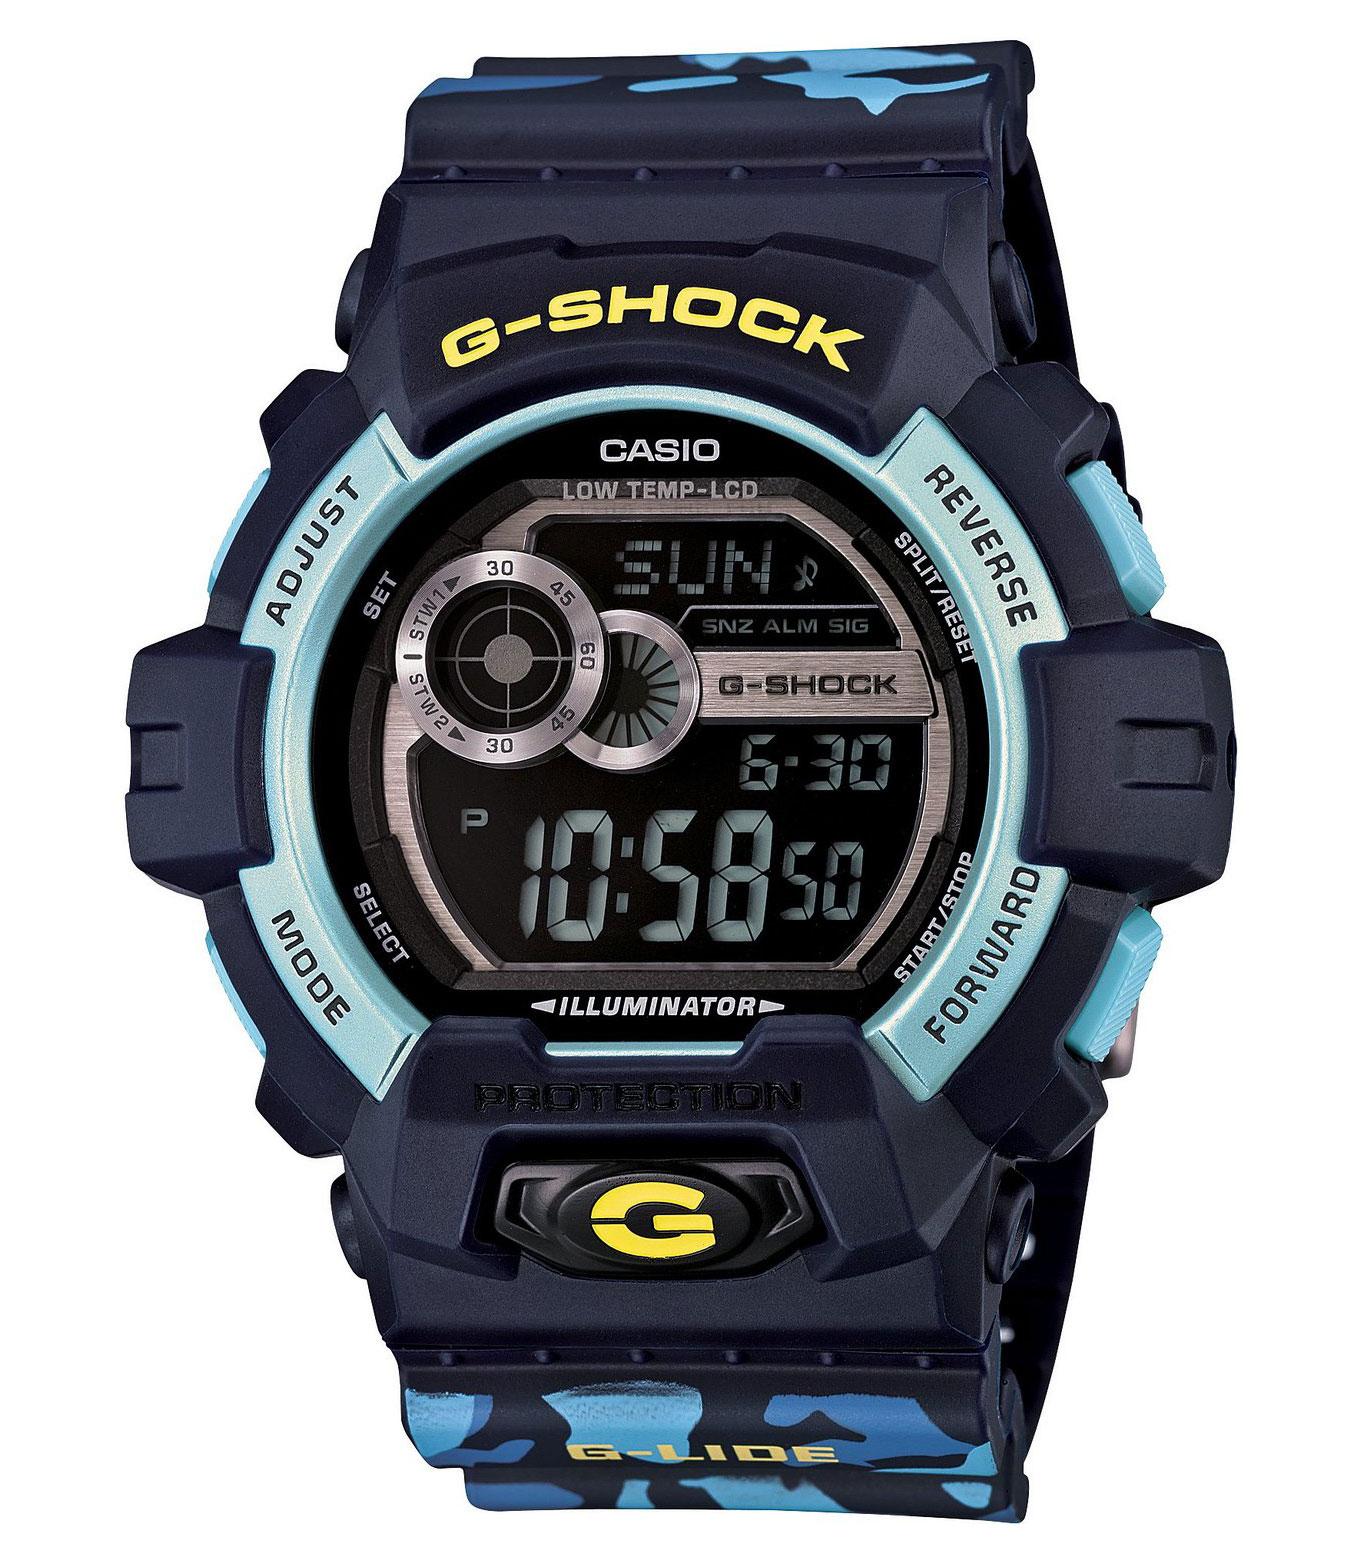 Часы мужские наручные Casio G-SHOCK, цвет: синий, голубой. GLS-8900CM-2EGLS-8900CM-2EСтильные мужские часы Casio G-SHOCK выполнены из полимерных материалов и минерального стекла. Изделие дополнено светодиодной подсветкой высокой яркости, корпус часов оформлен символикой бренда и оригинальным принтом камуфляж. В часах предусмотрен цифровой отсчет времени. Часы оснащены функцией мирового времени, которая позволяет мгновенно выяснять текущее время. Часы могут быть настроены на подачу тонального или светового сигнала при наступлении выставленного времени. Функция таймера позволит обеспечить обратный отсчет времени, начиная с выставленного и подачу тонального или светового сигнала, когда отсчет доходит до нуля. Функция секундомера позволит замерять прошедшее время в пределах тысячи часов с точностью 1/100 секунды, предусмотрен будильник. Степень влагозащиты 20 atm. Изделие дополнено ремешком из полимерного материала, который обладает антибактериальными и запахоустойчивыми свойствами. Ремешок застегивается на пряжку, позволяющую максимально комфортно и быстро...